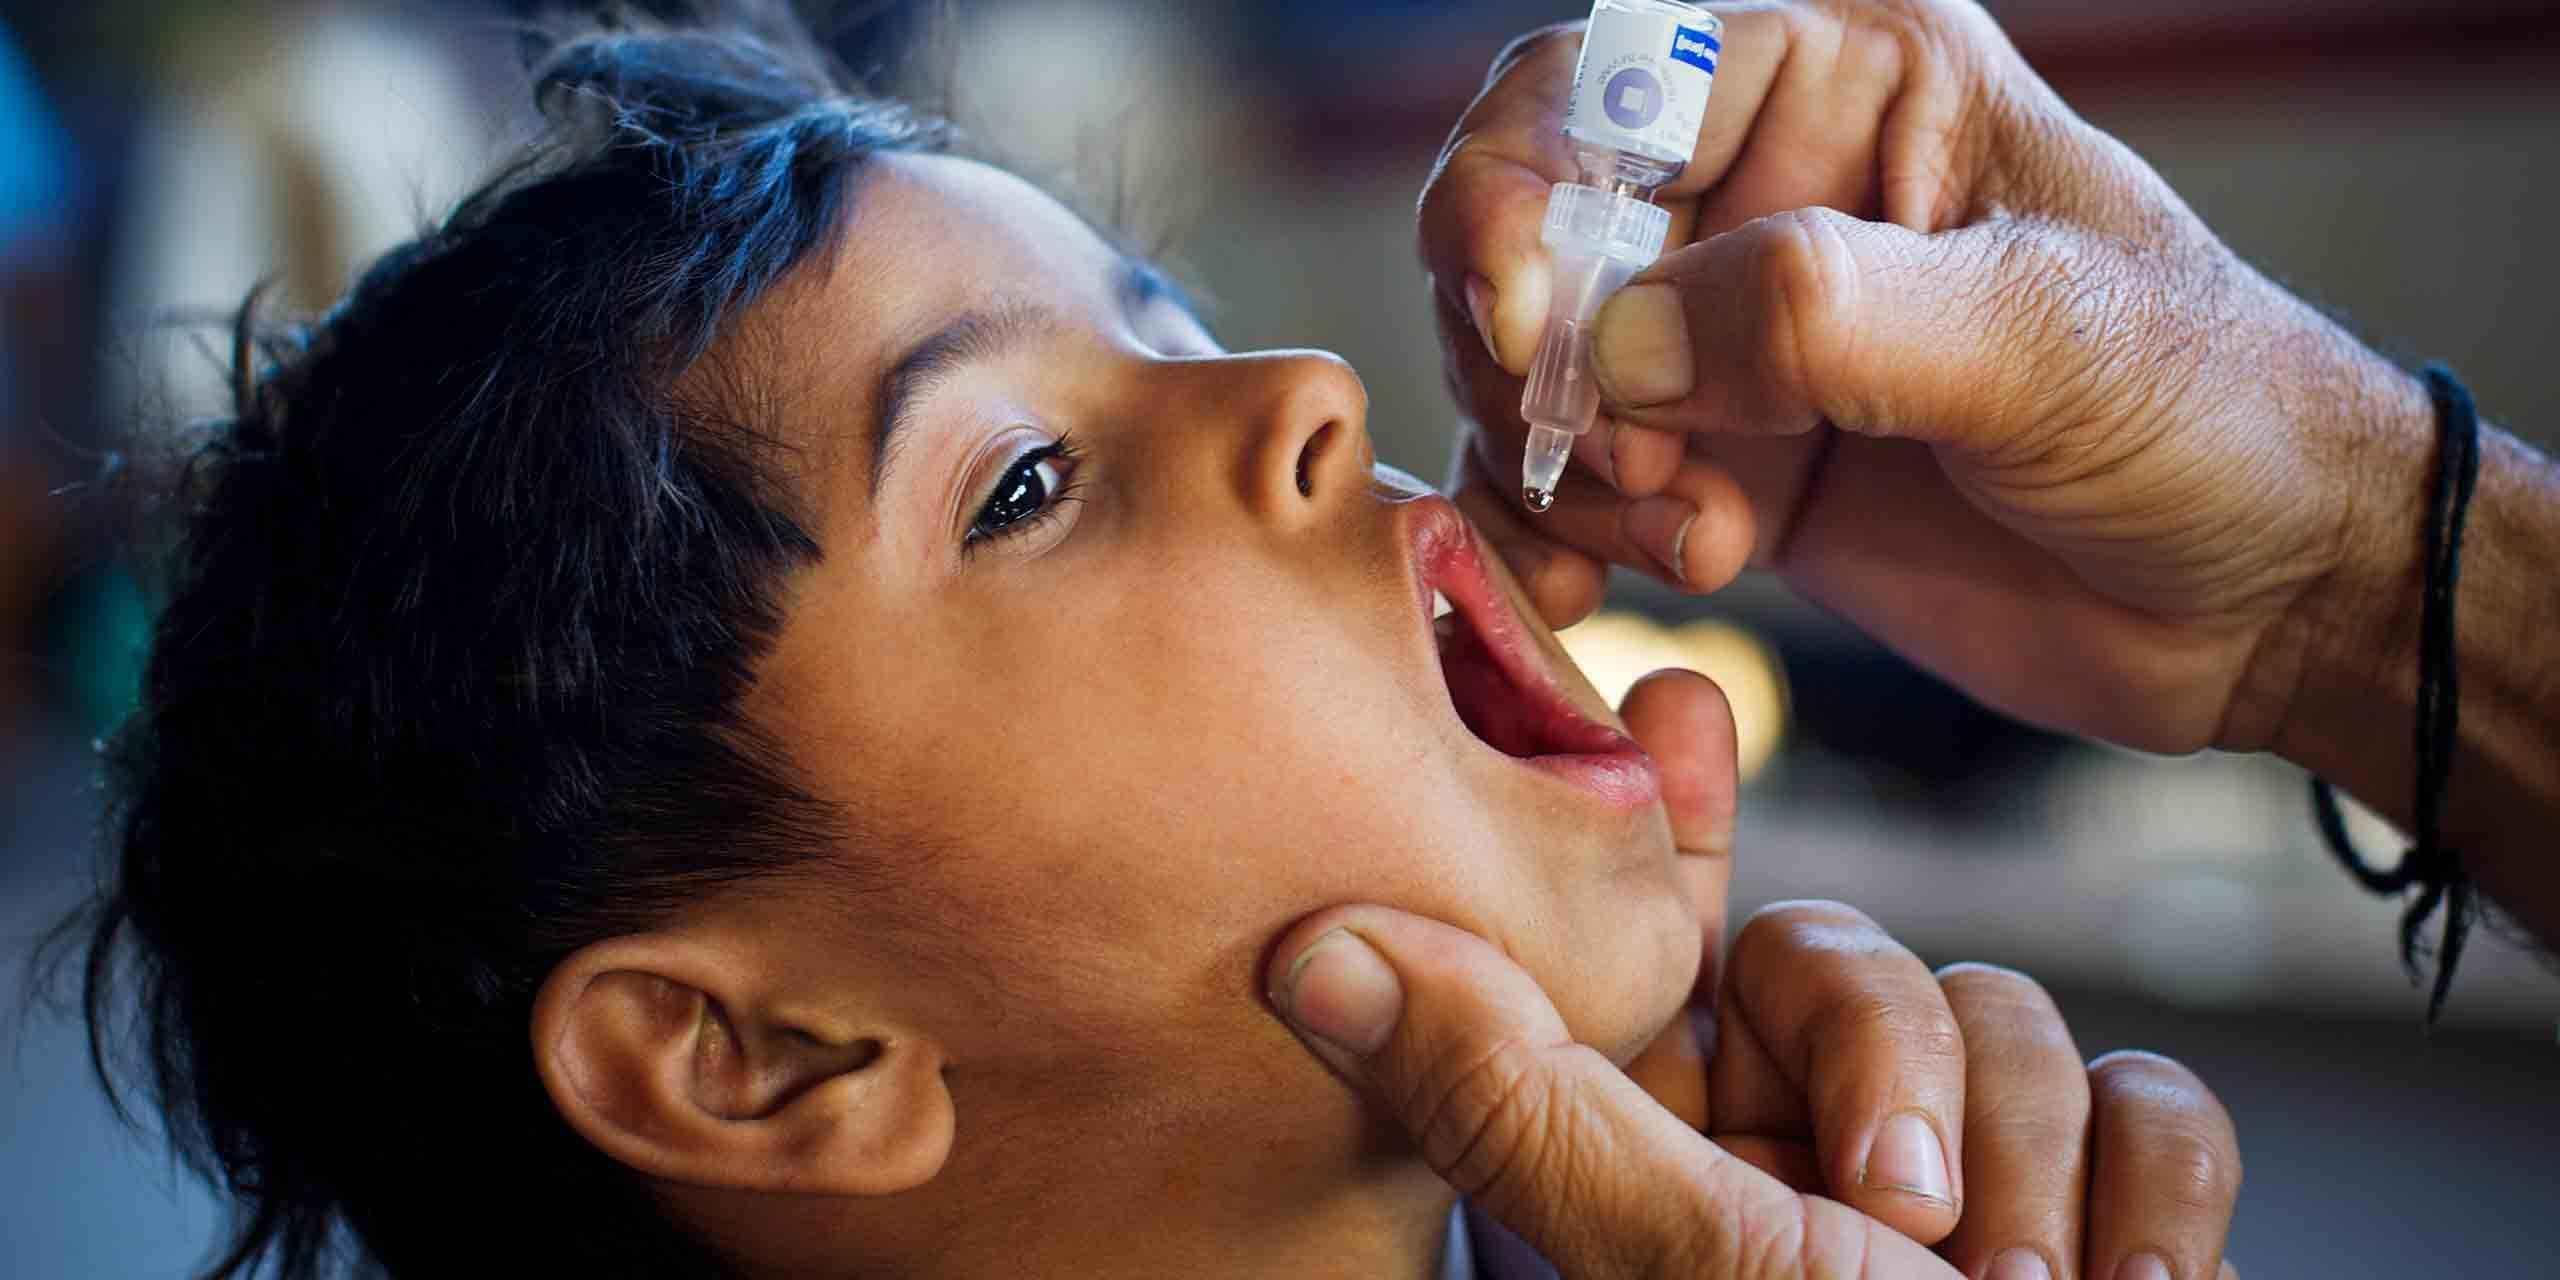 2. Polio